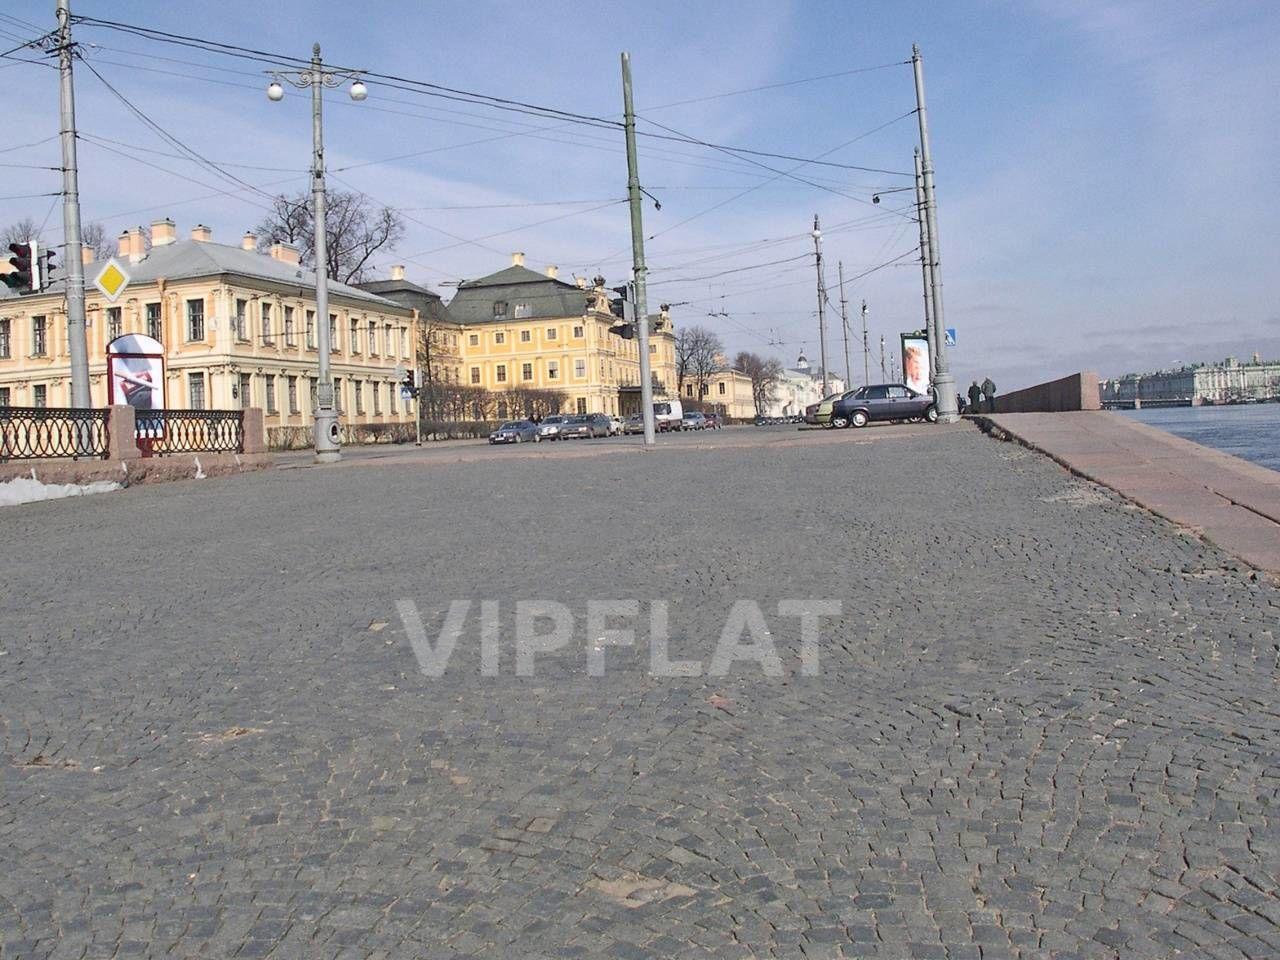 Продажа элитных квартир Санкт-Петербурга. Румянцевская площадь, 2 Это центр Петербурга (150 метров от дома)